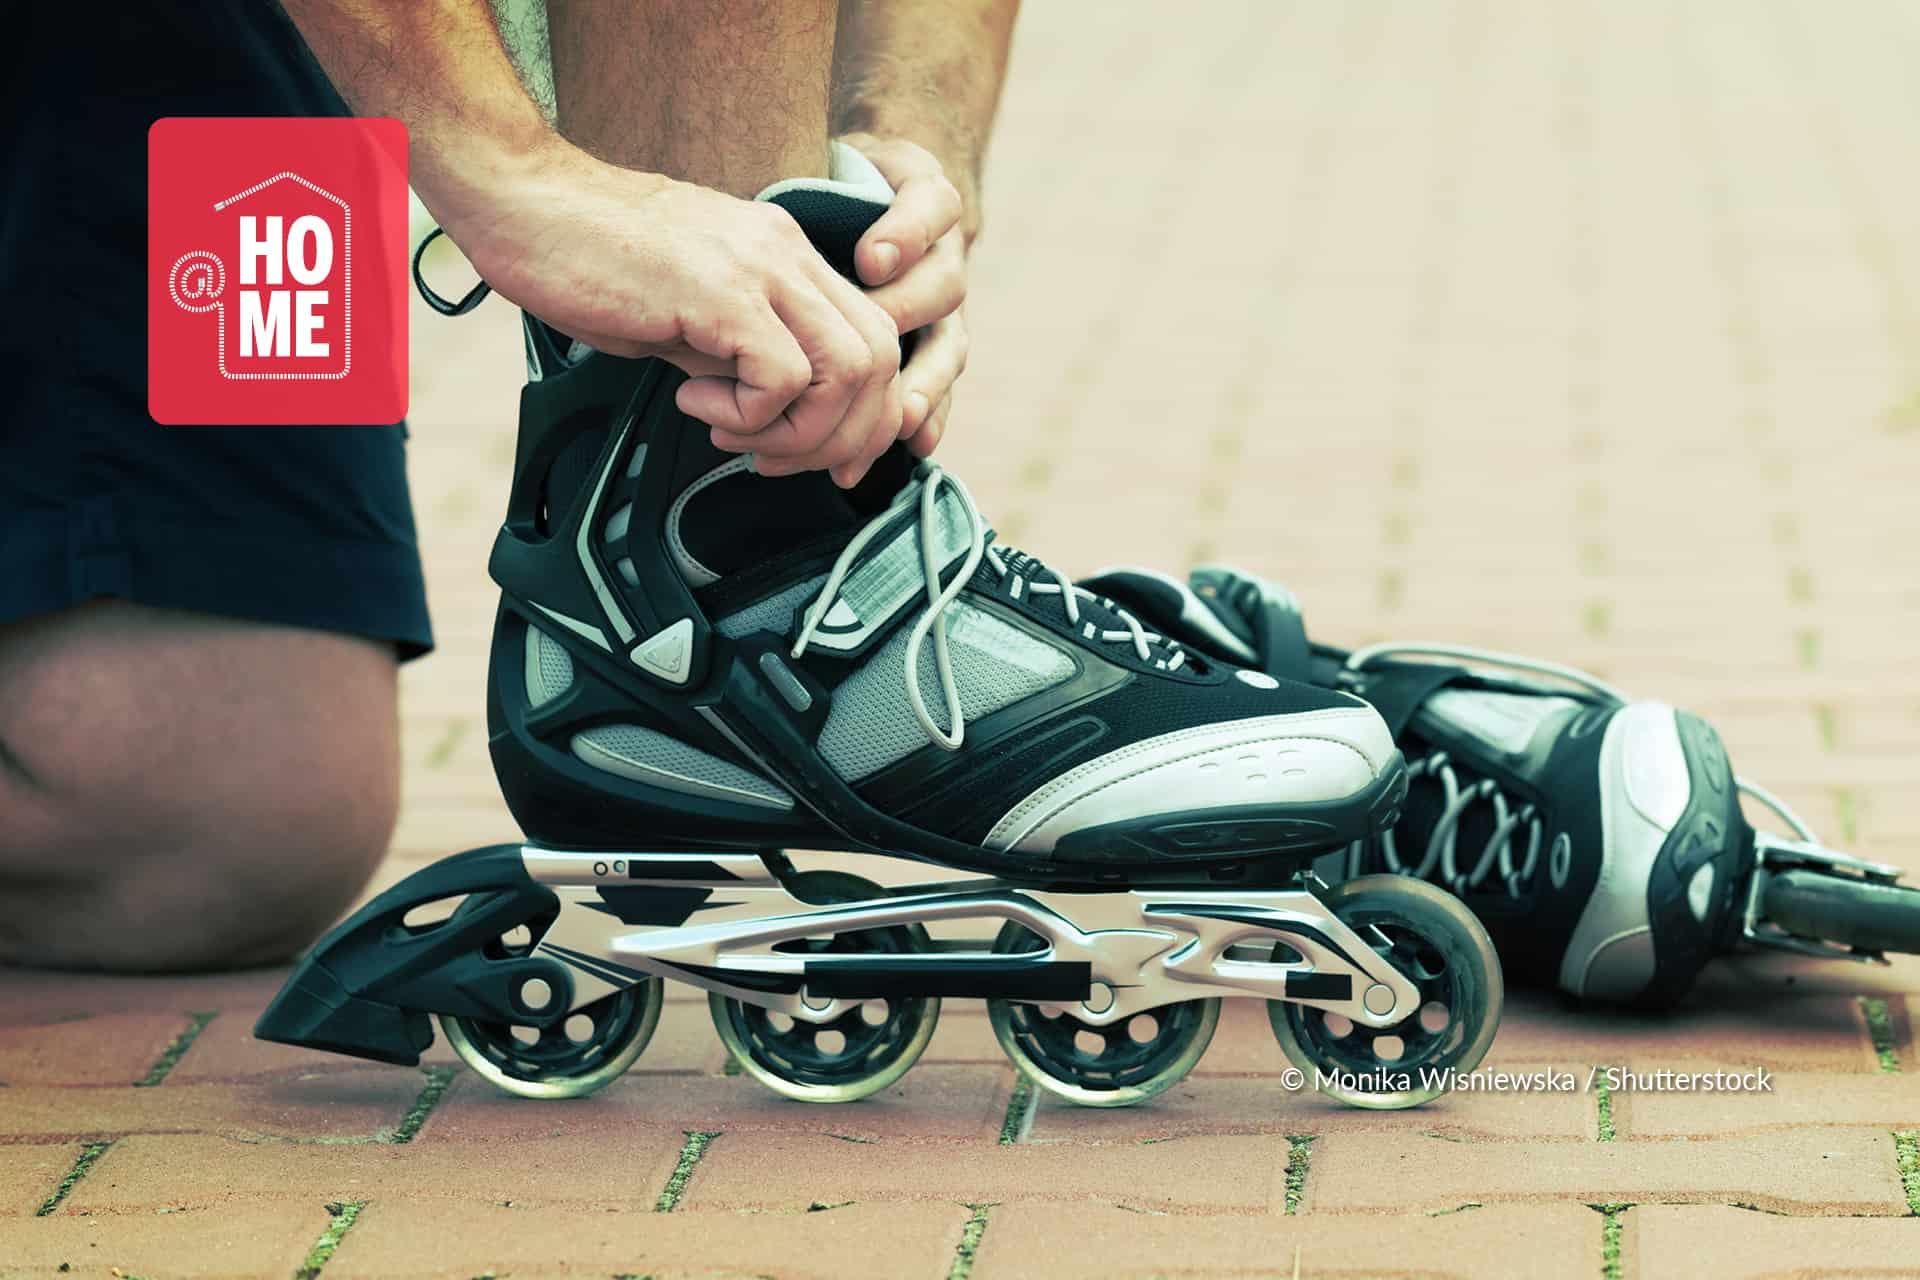 Hoe moet ik mijn skates onderhouden?